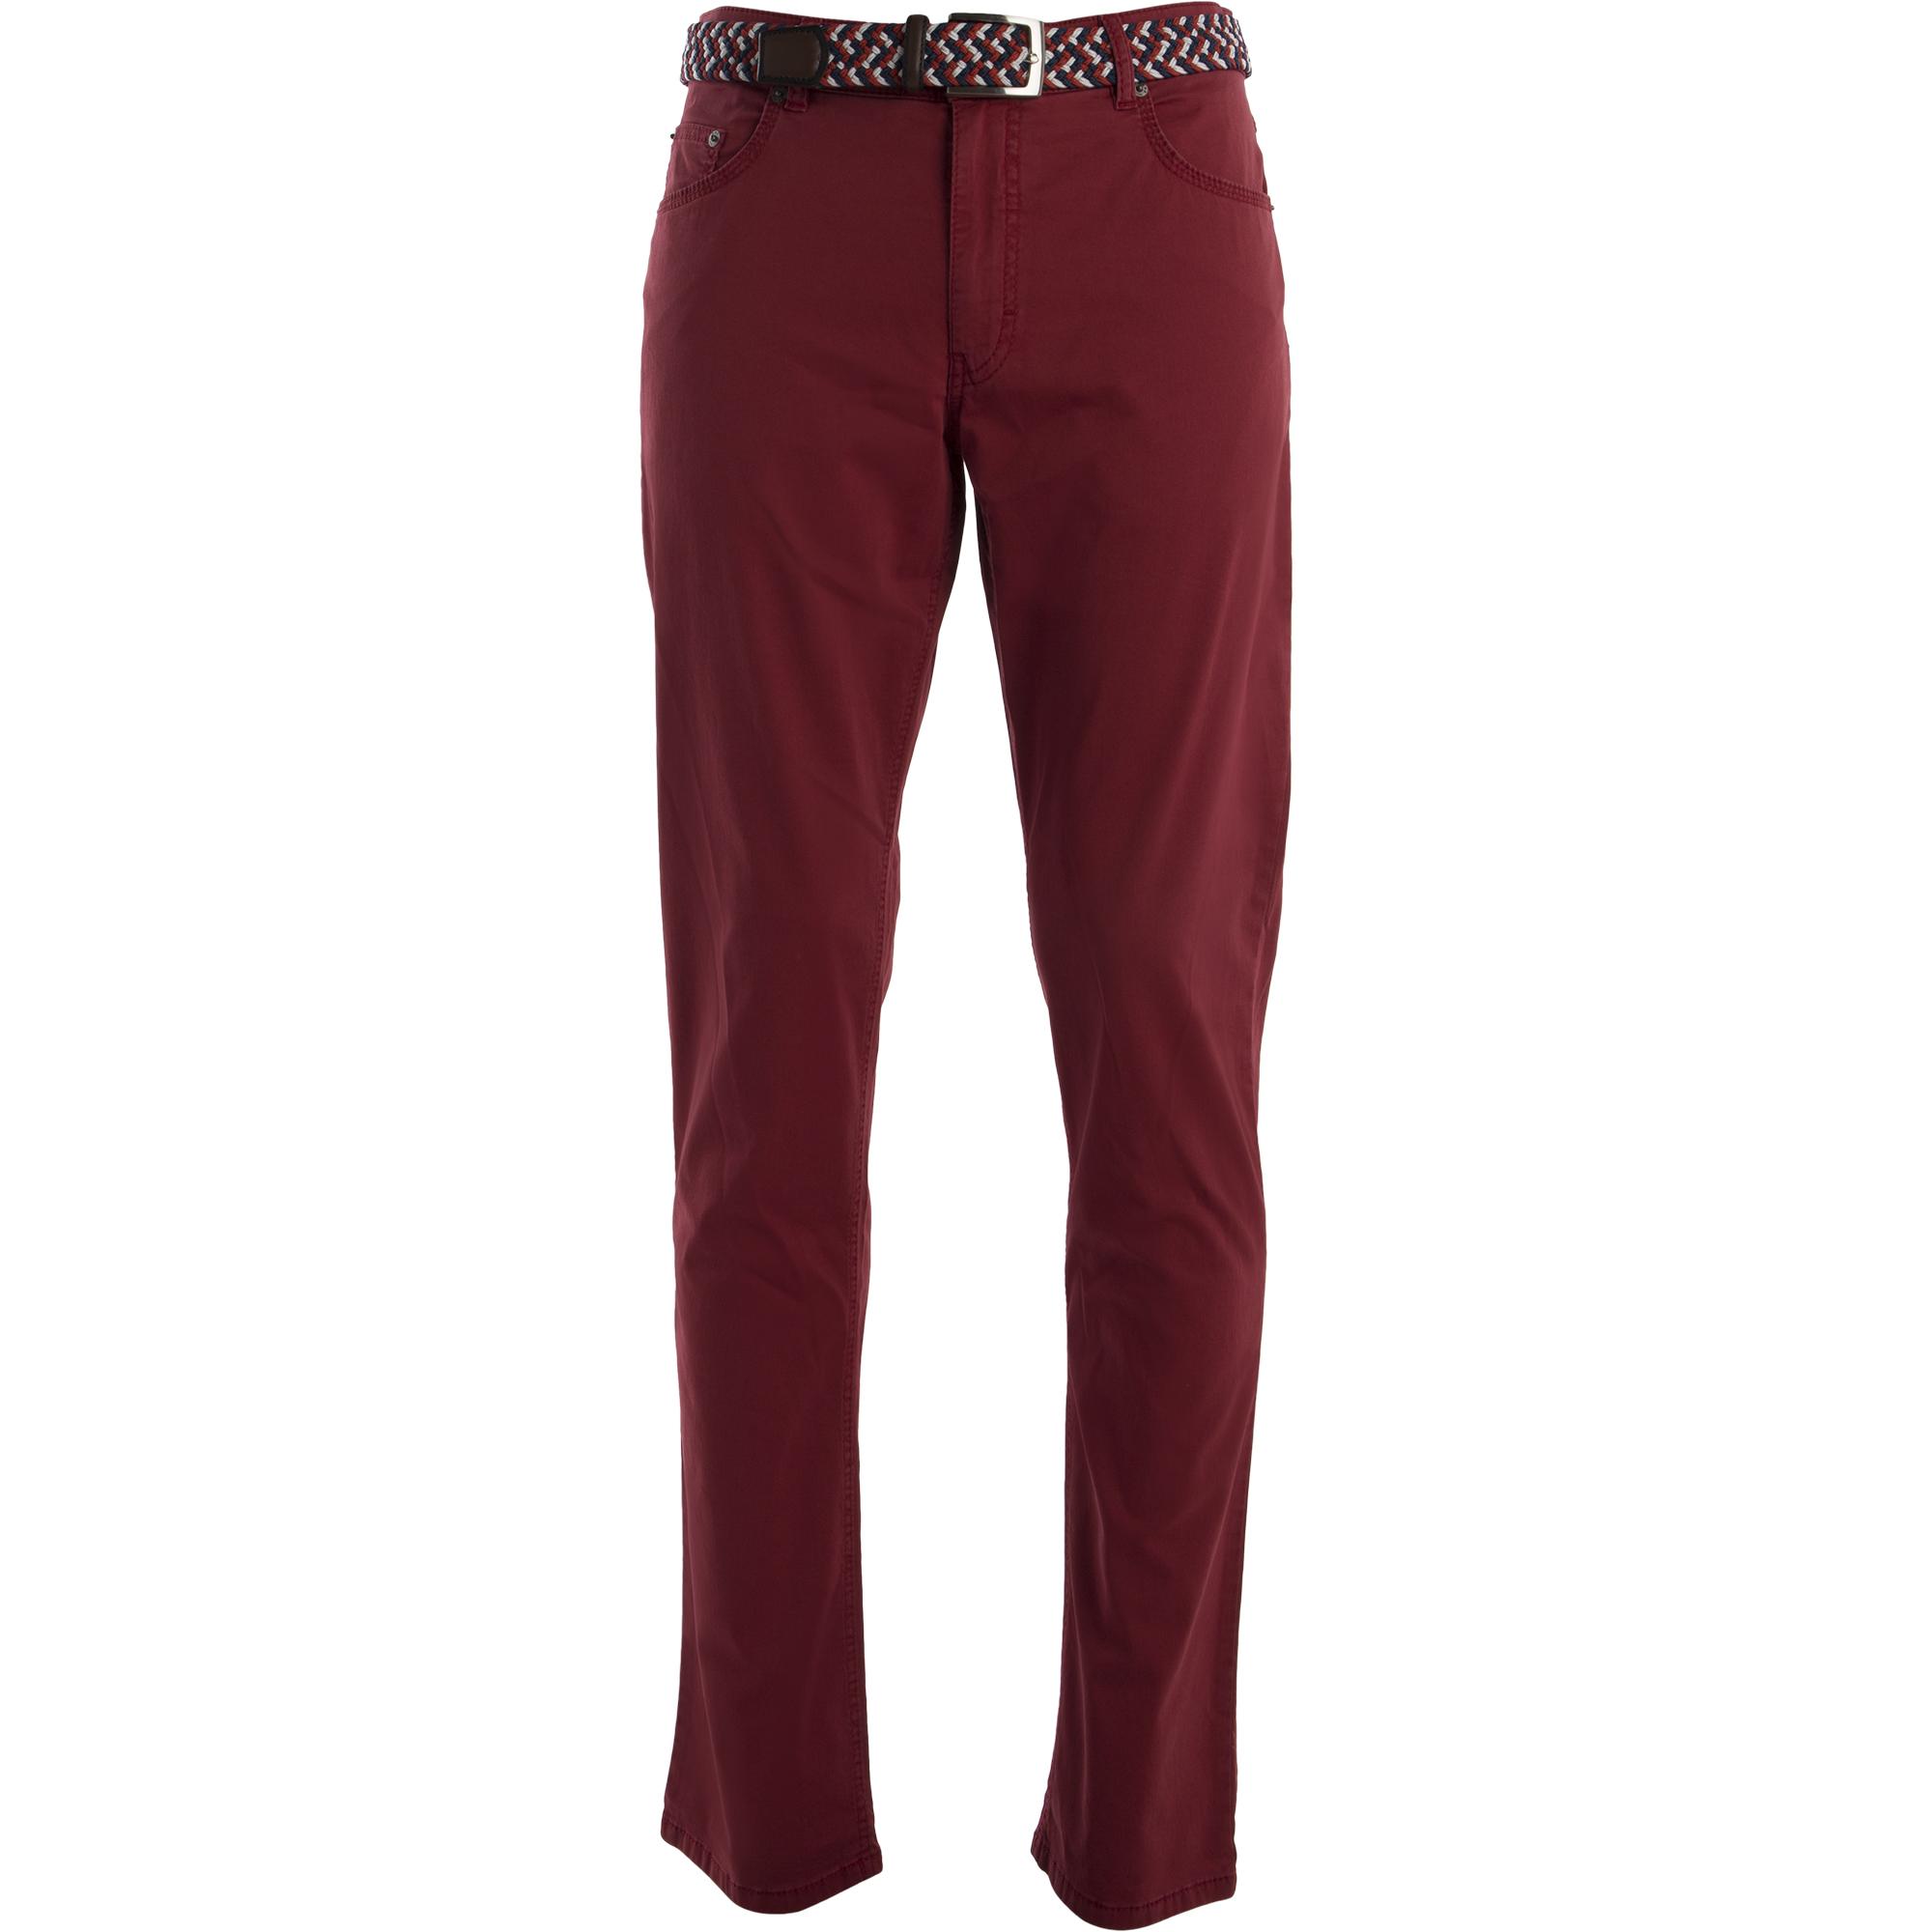 brax herren hose cooper fa regular fit red herren jeans straight fit. Black Bedroom Furniture Sets. Home Design Ideas